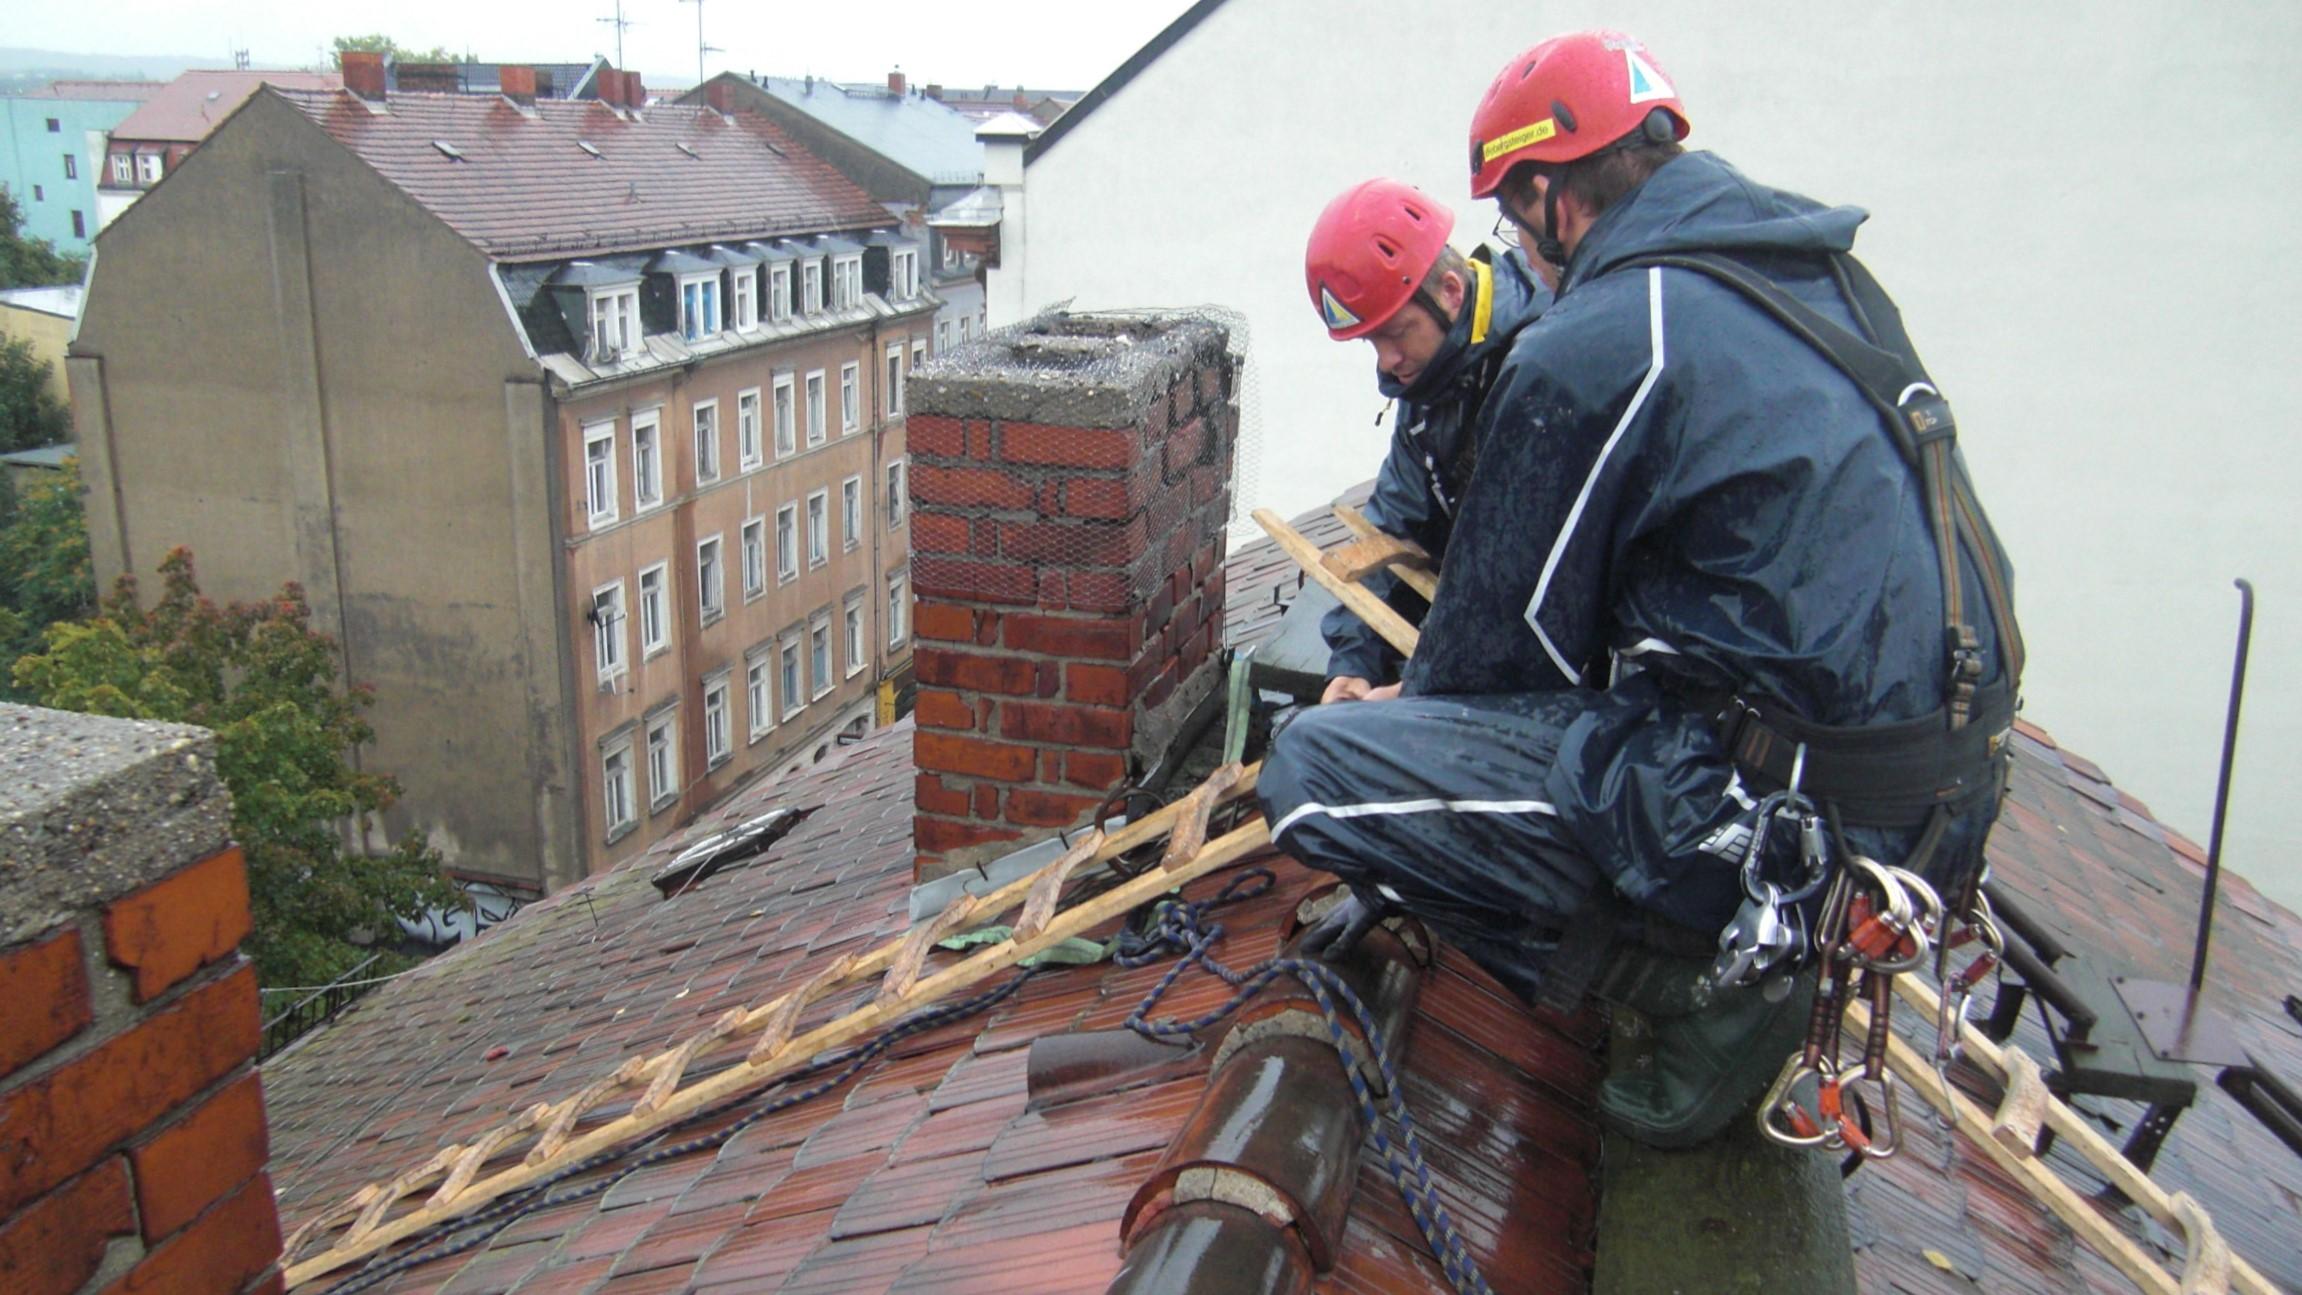 Dachsteiger, Industriekletterer